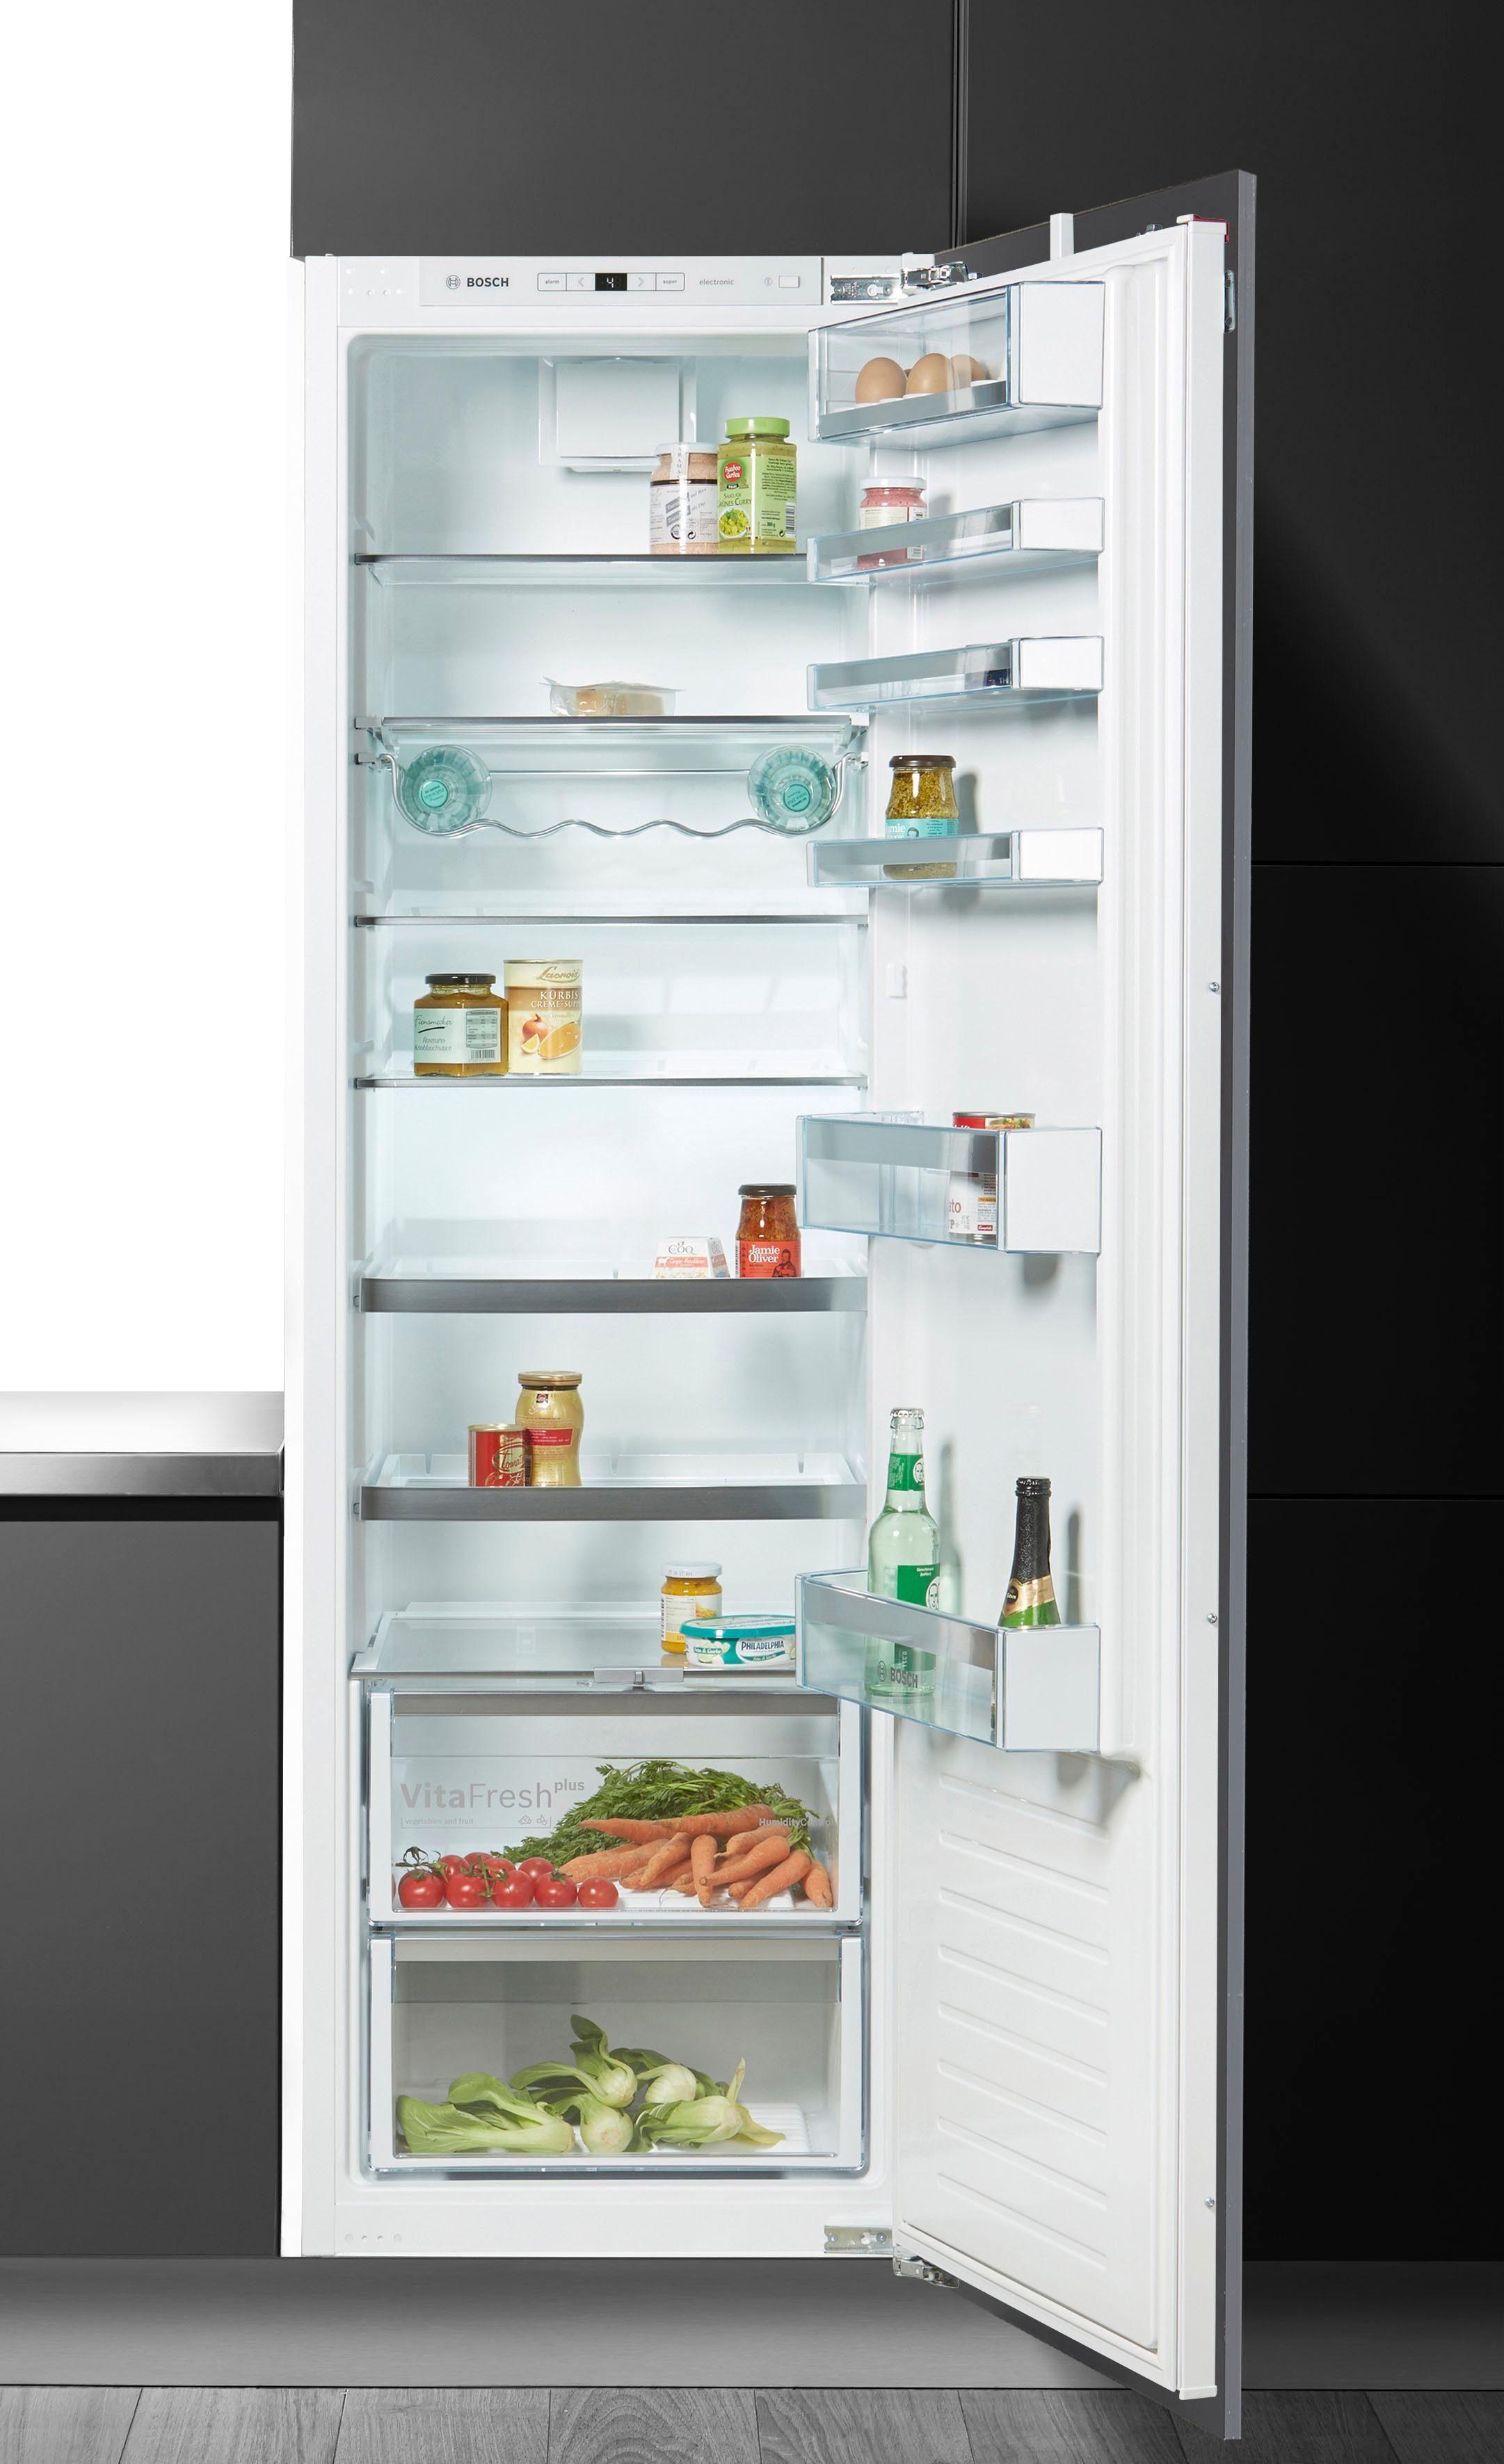 BOSCH Einbaukühlschrank KIR81AF30, 177,2 cm hoch, 55,8 cm breit, Energieklasse A++, 177,5 cm hoch